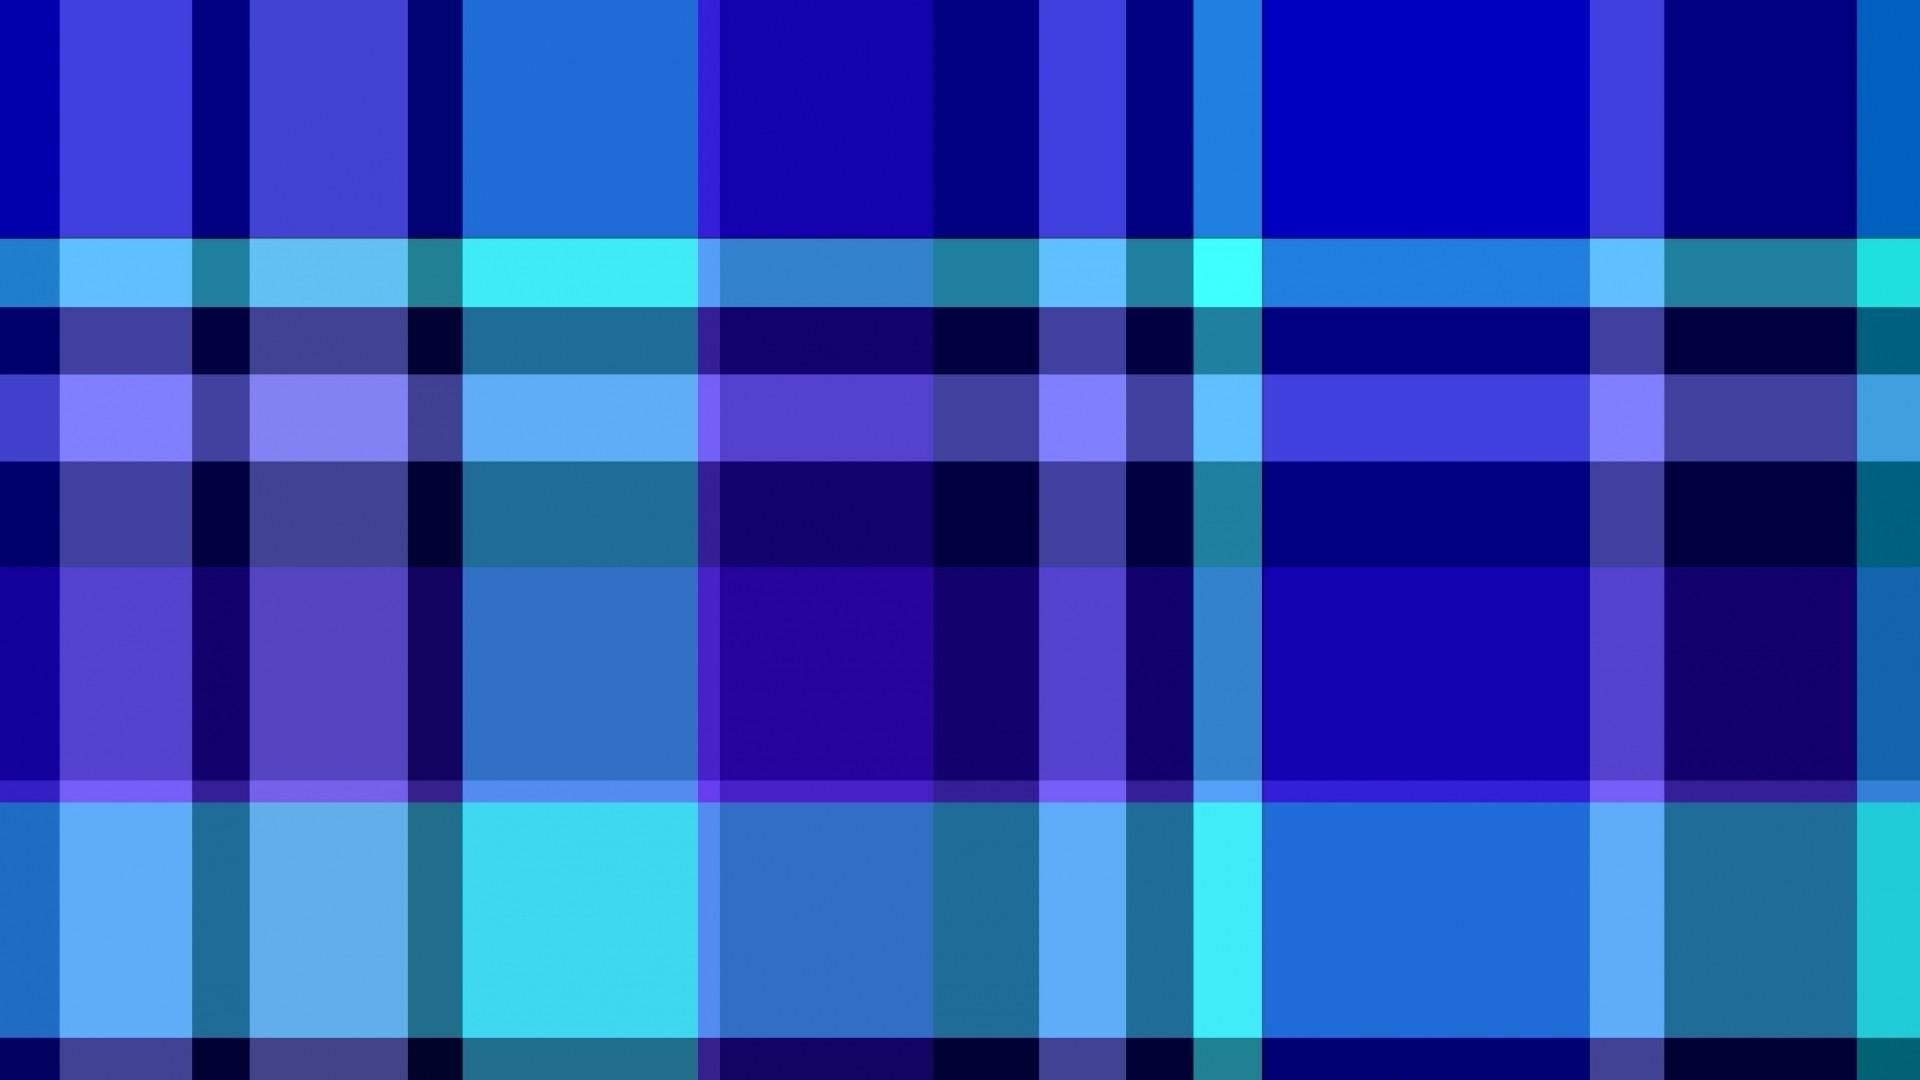 Checkered Desktop Wallpaper